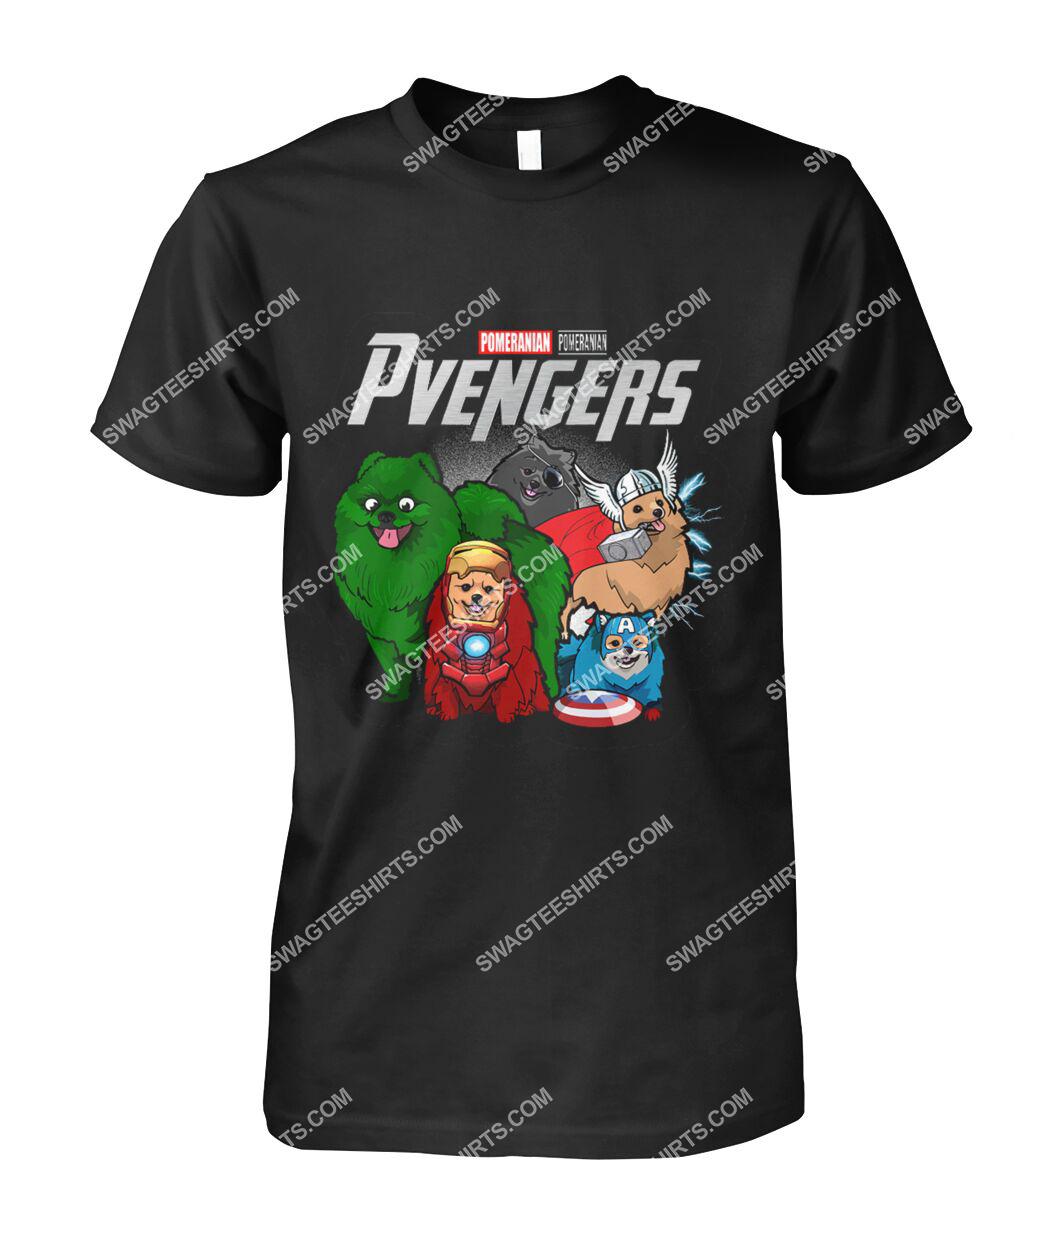 pomeranian pvengers marvel avengers dogs lover tshirt 1